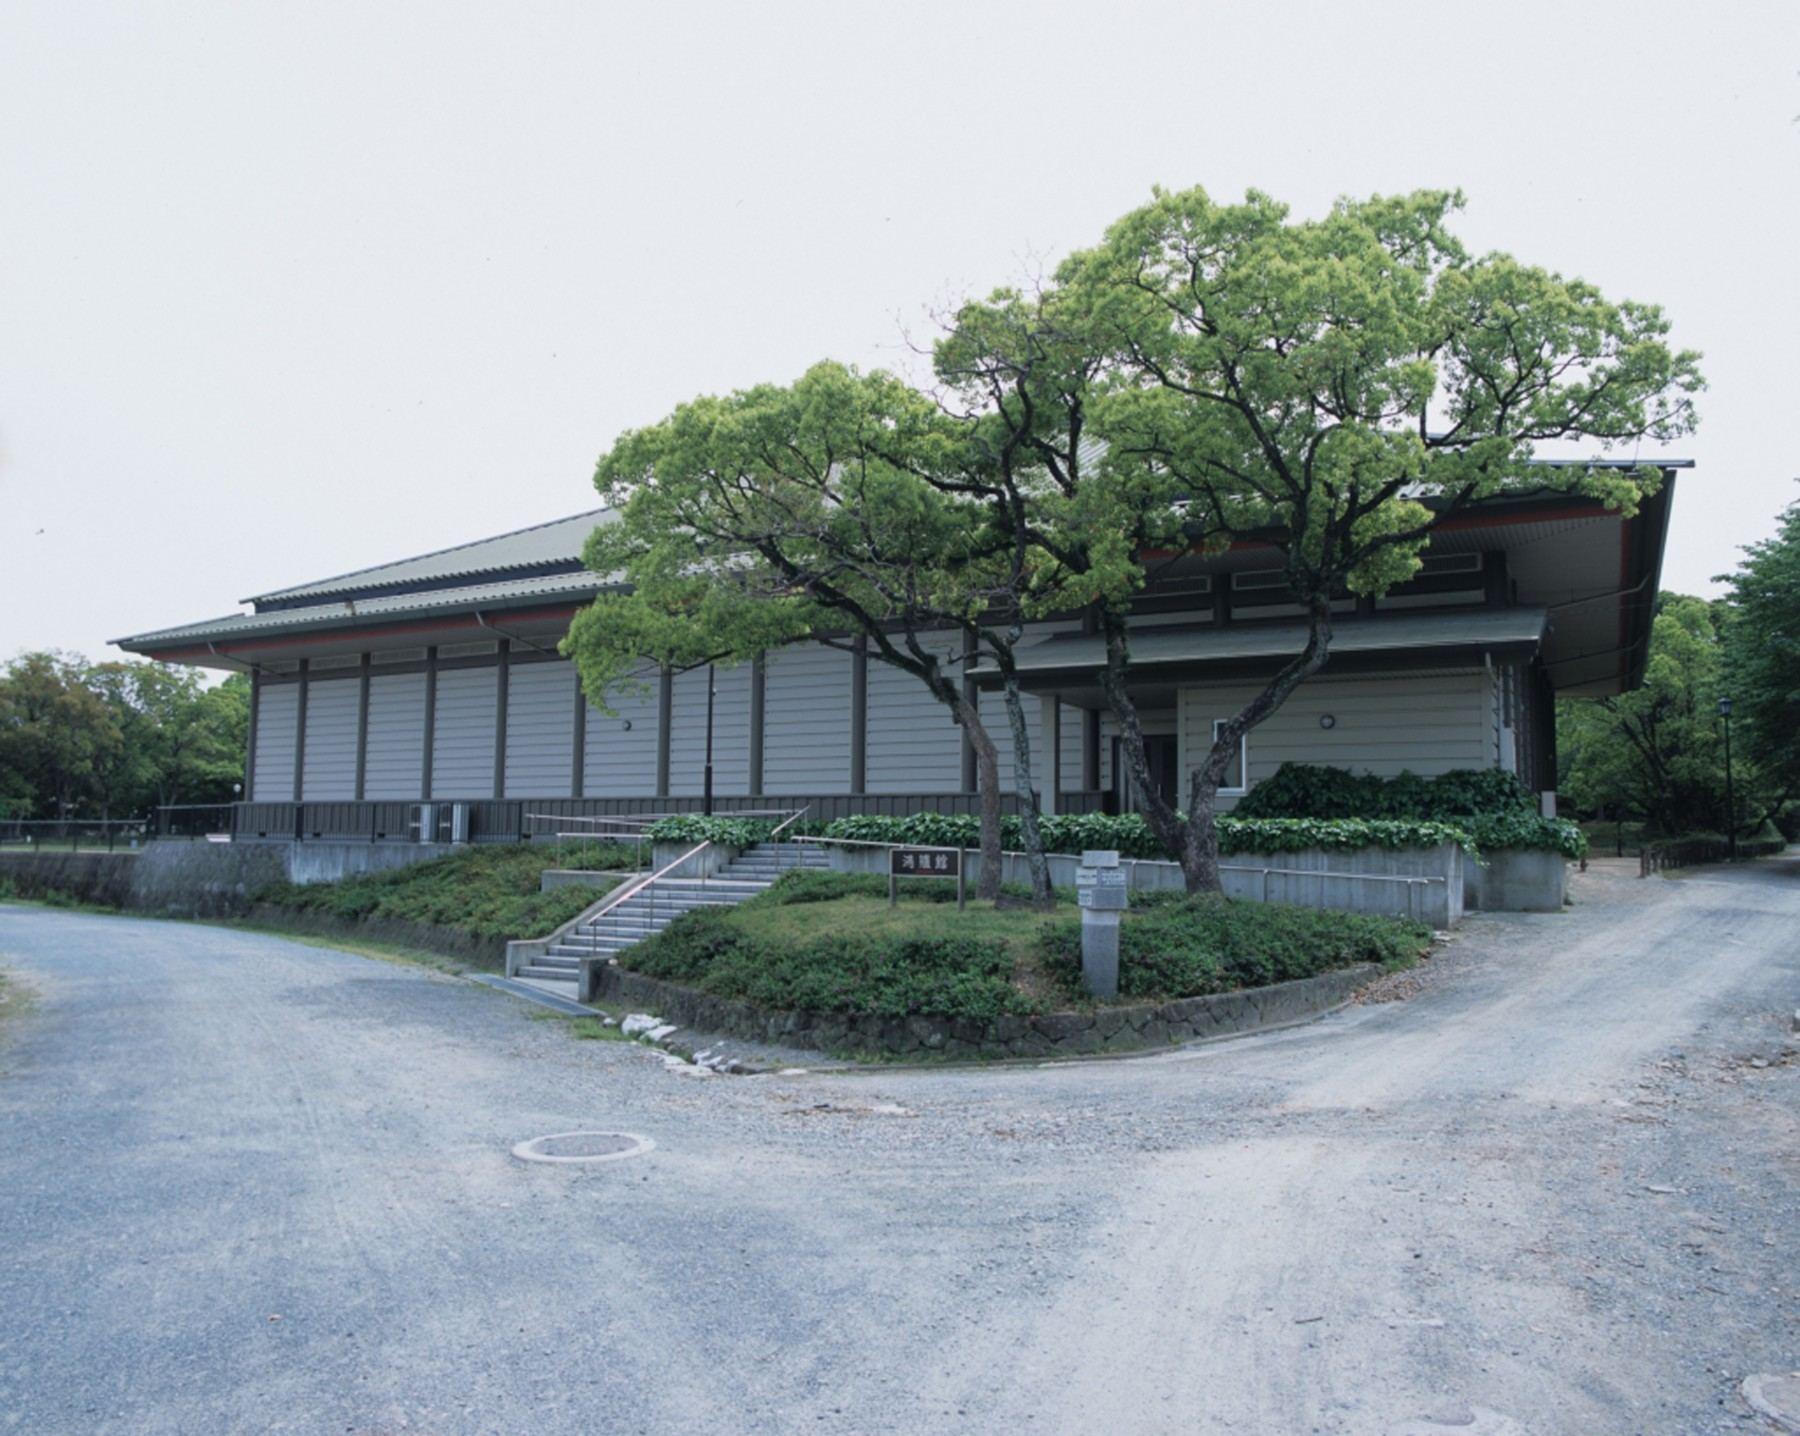 鴻臚館跡展示館(撮影年不明)の画像